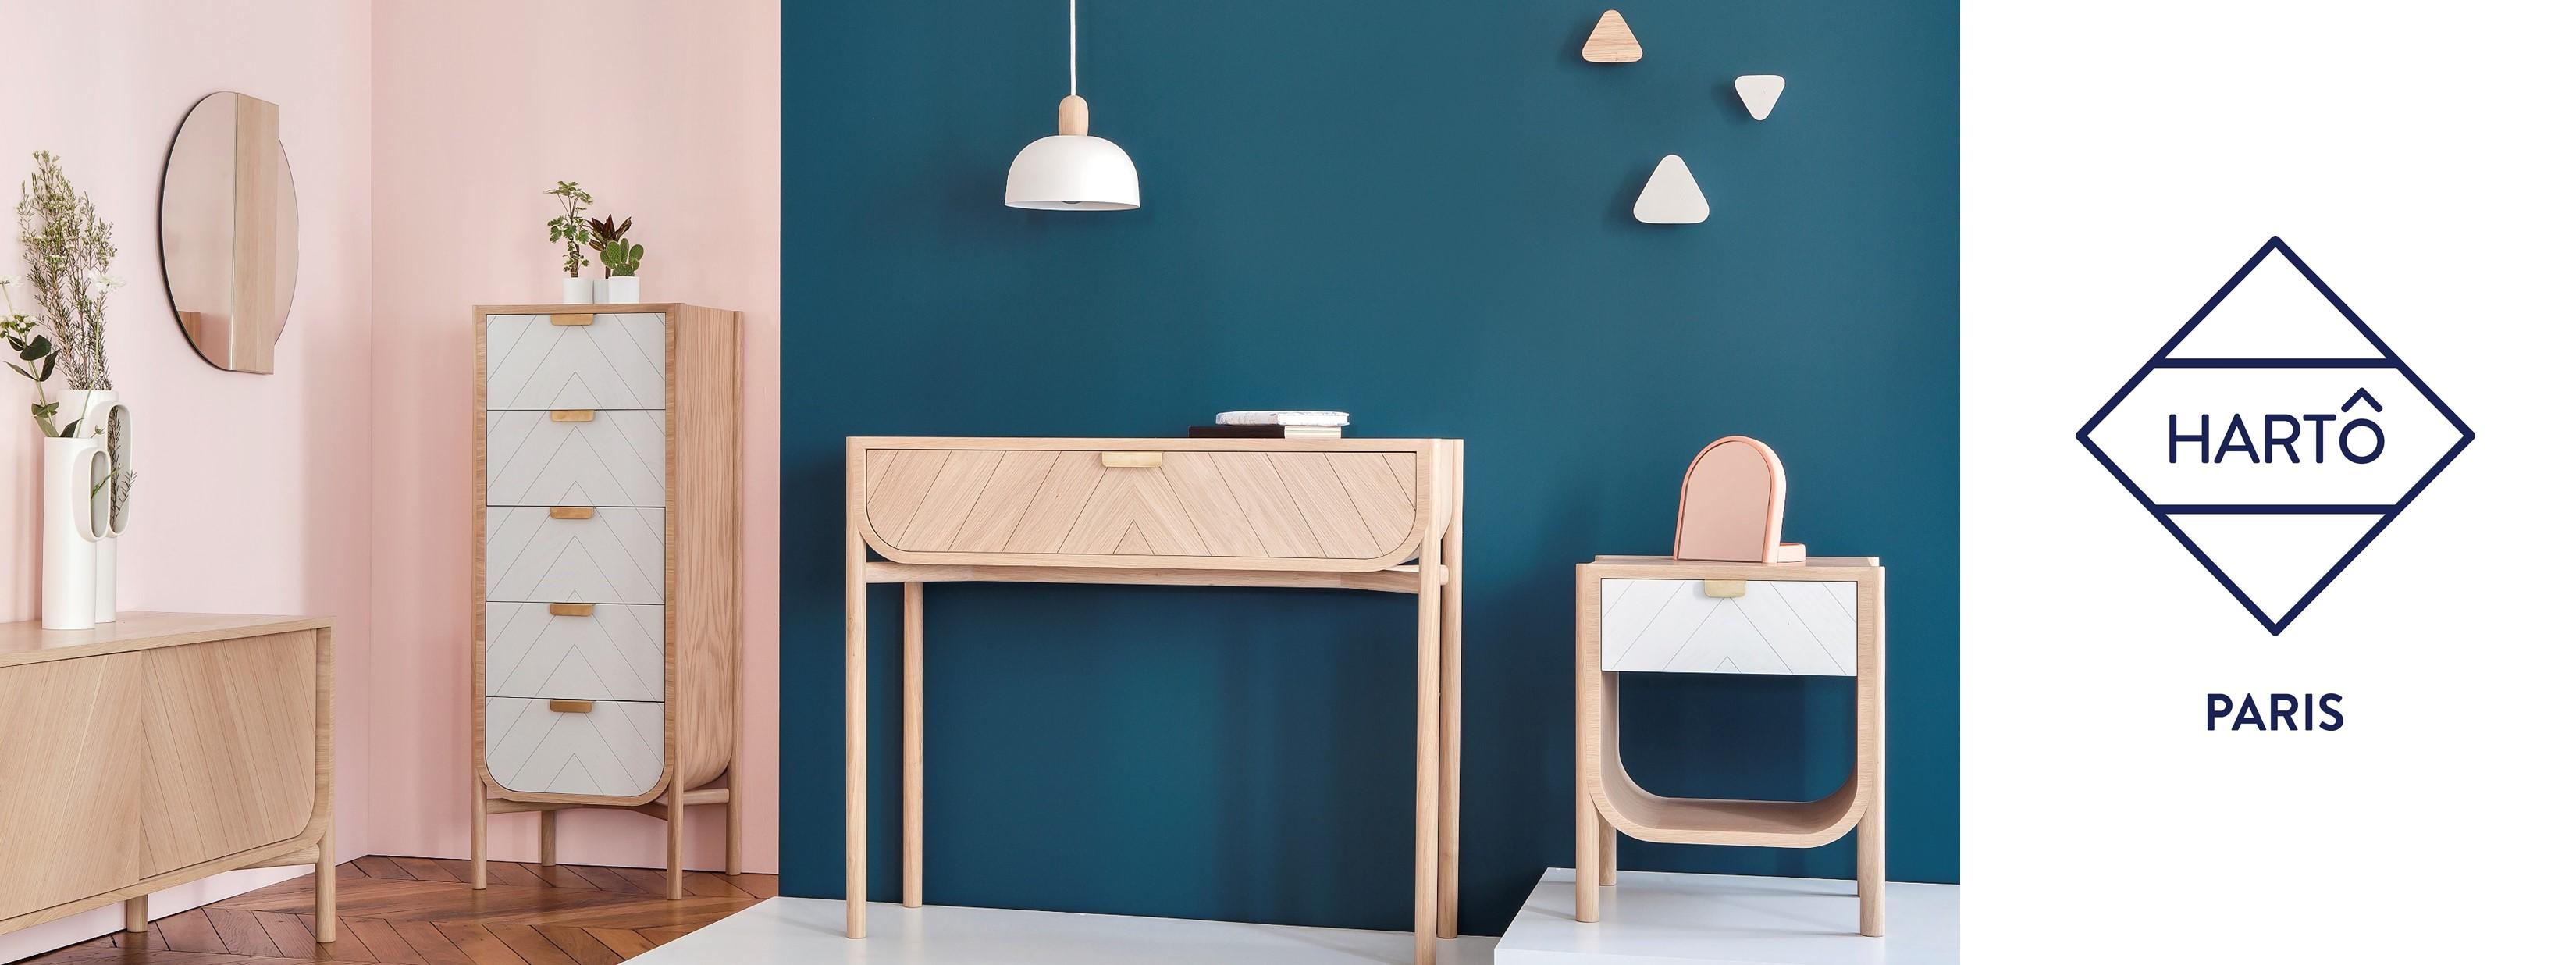 D couvrez le marque de mobilier fran aise hart sur for Marque mobilier design